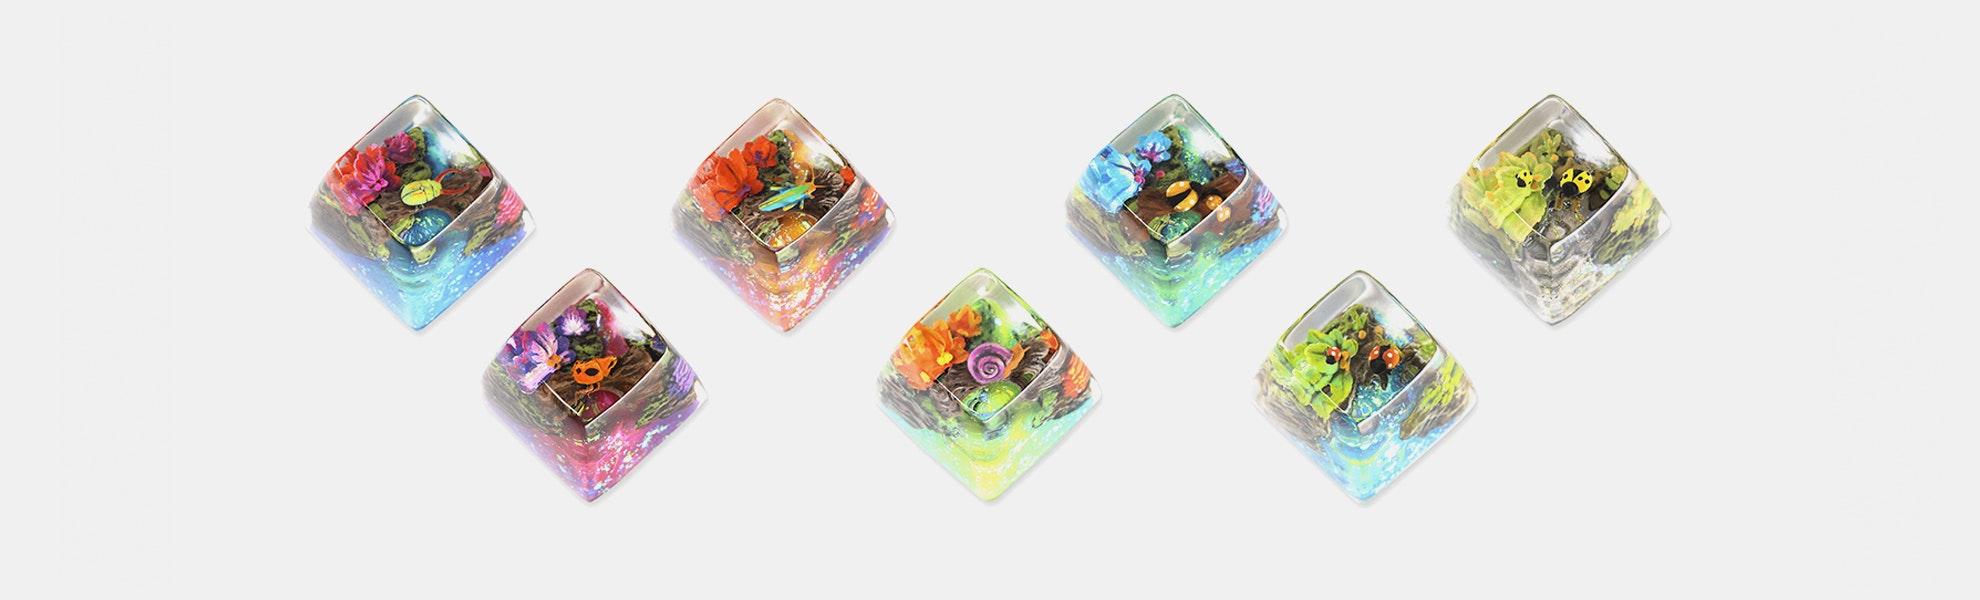 Dwarf Factory Miracle Island Artisan Keycap